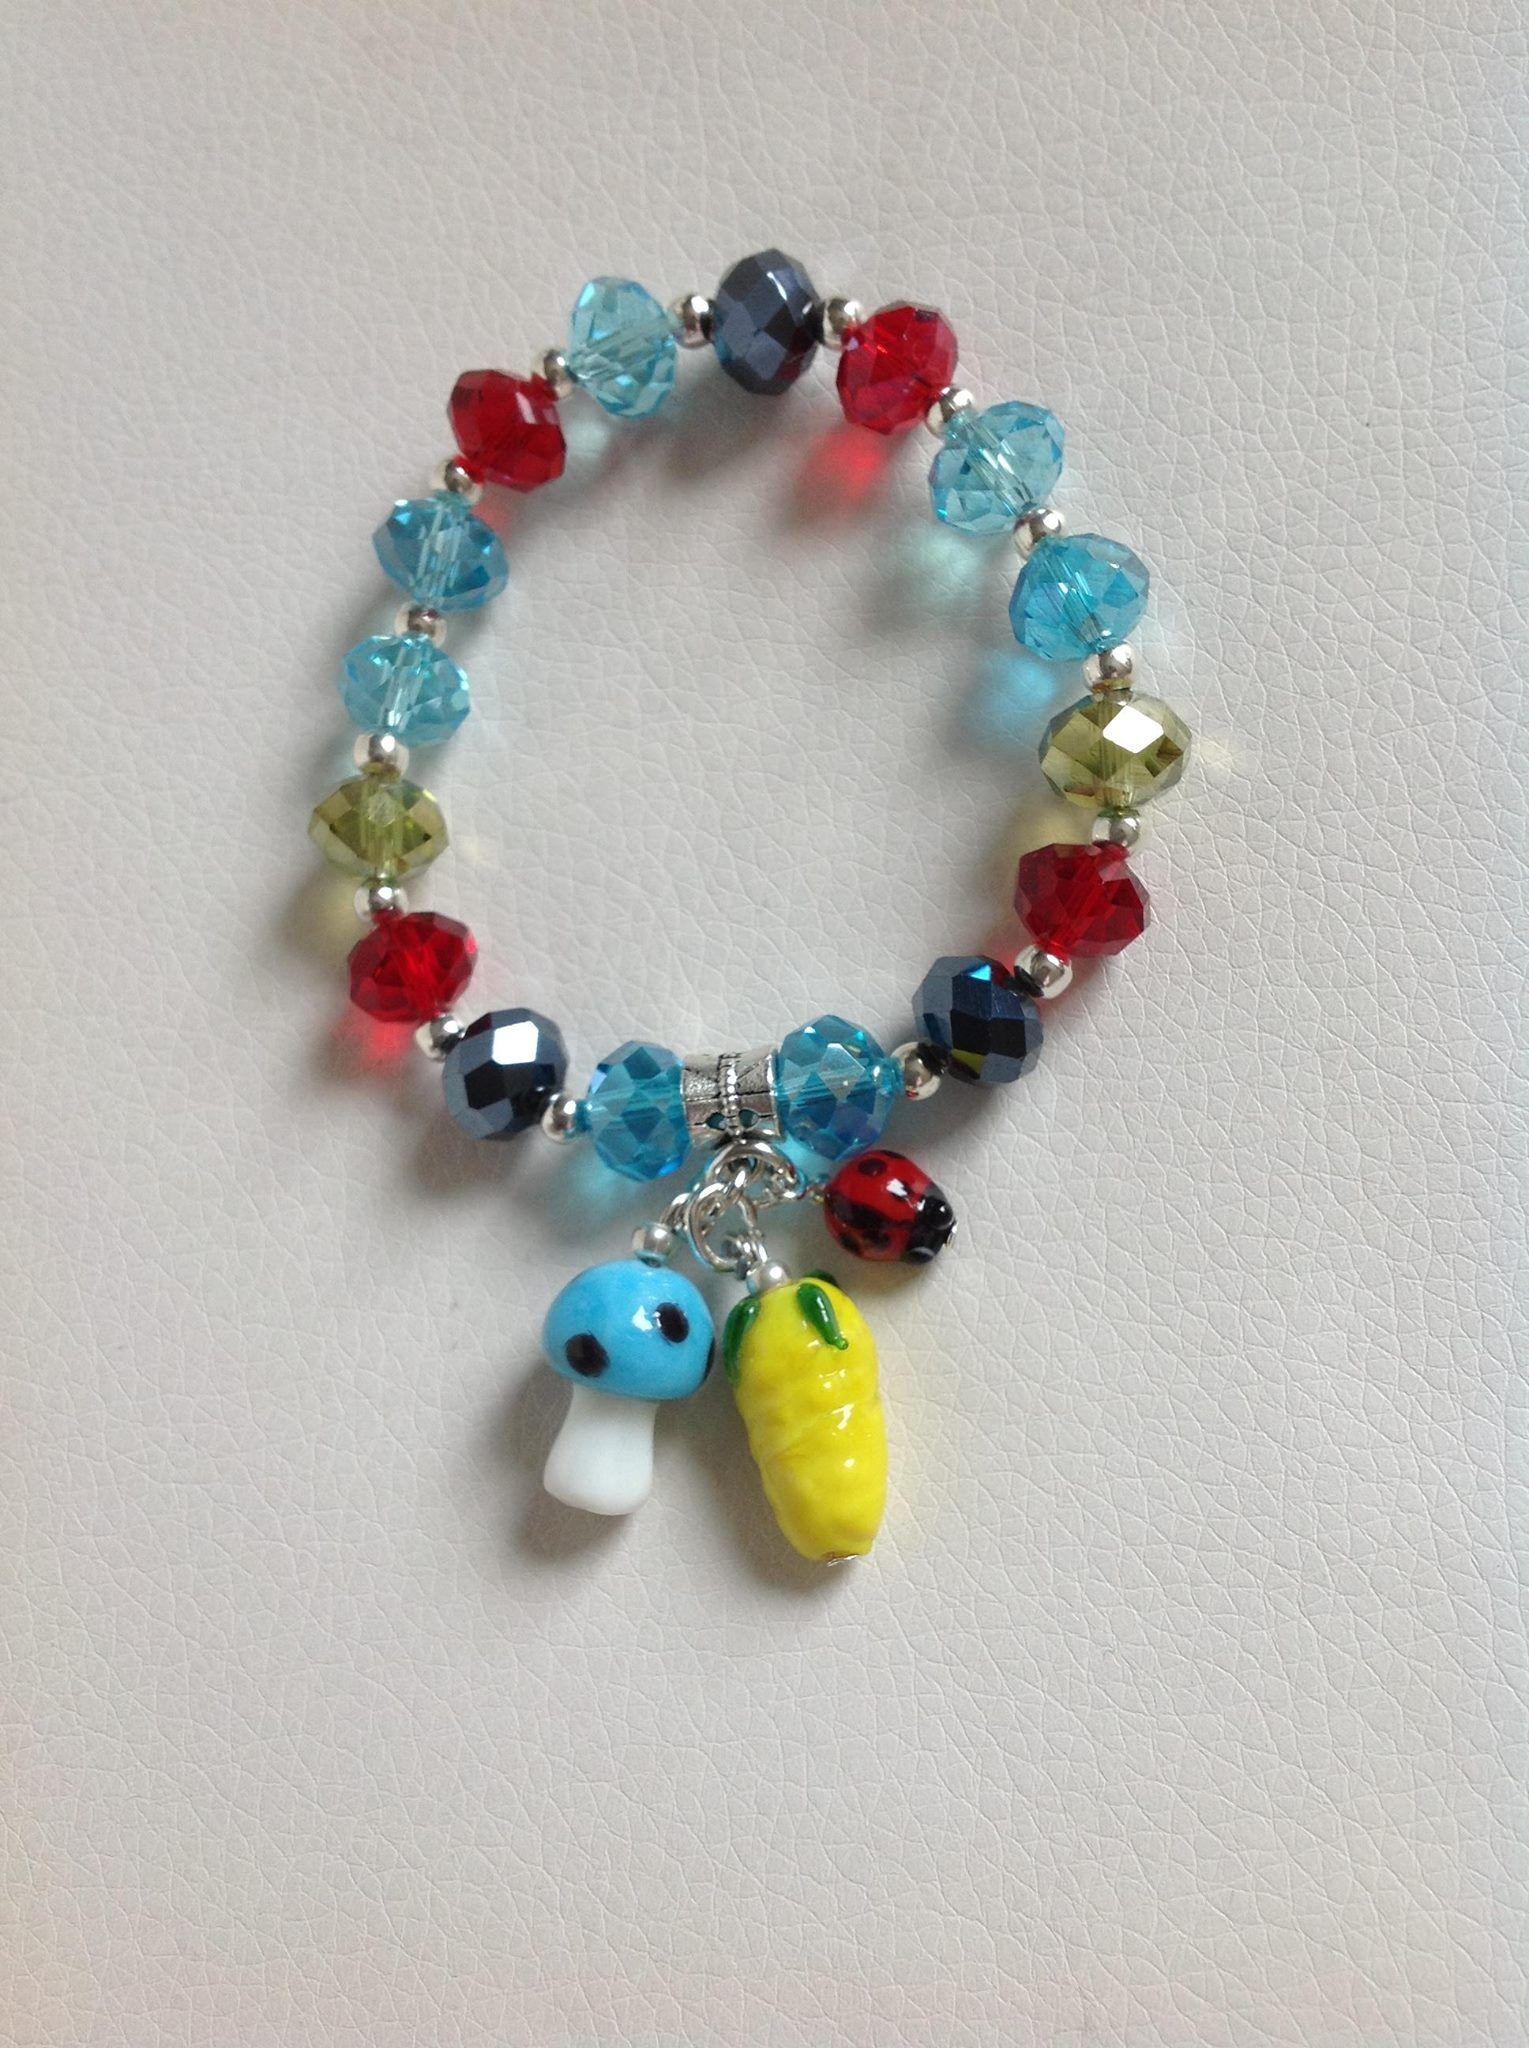 pulsera multicolor en muranos checos y dijes muranos italianos diseño de color beads.